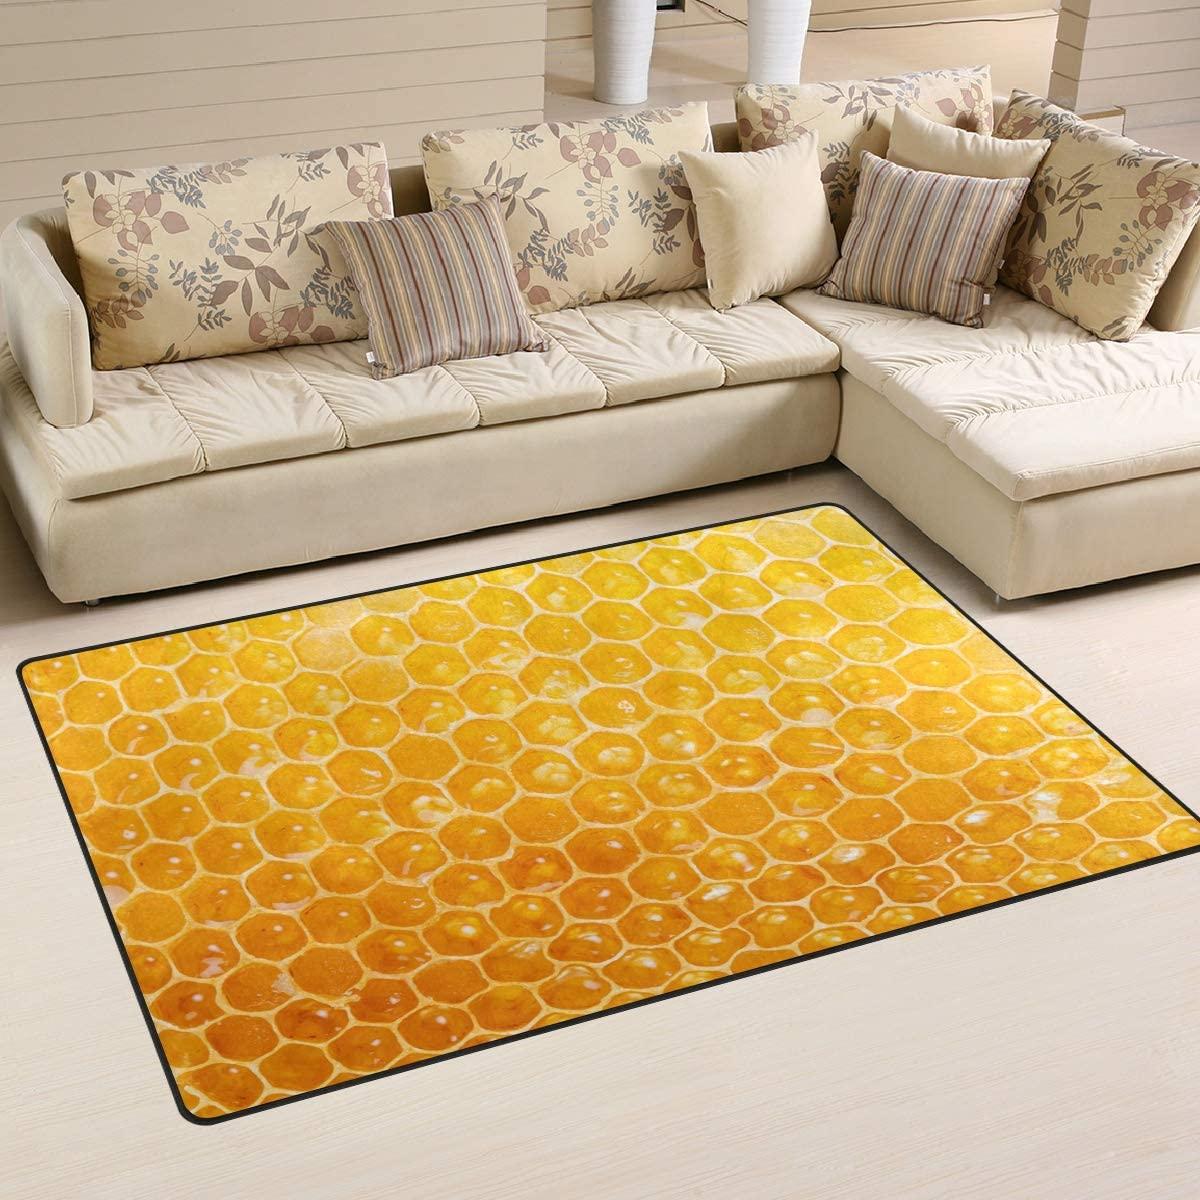 ALAZA Children Area Rug,Sweet Honeycomb Floor Rug Non-Slip Doormat for Living Dining Dorm Room Bedroom Decor 31x20 Inch